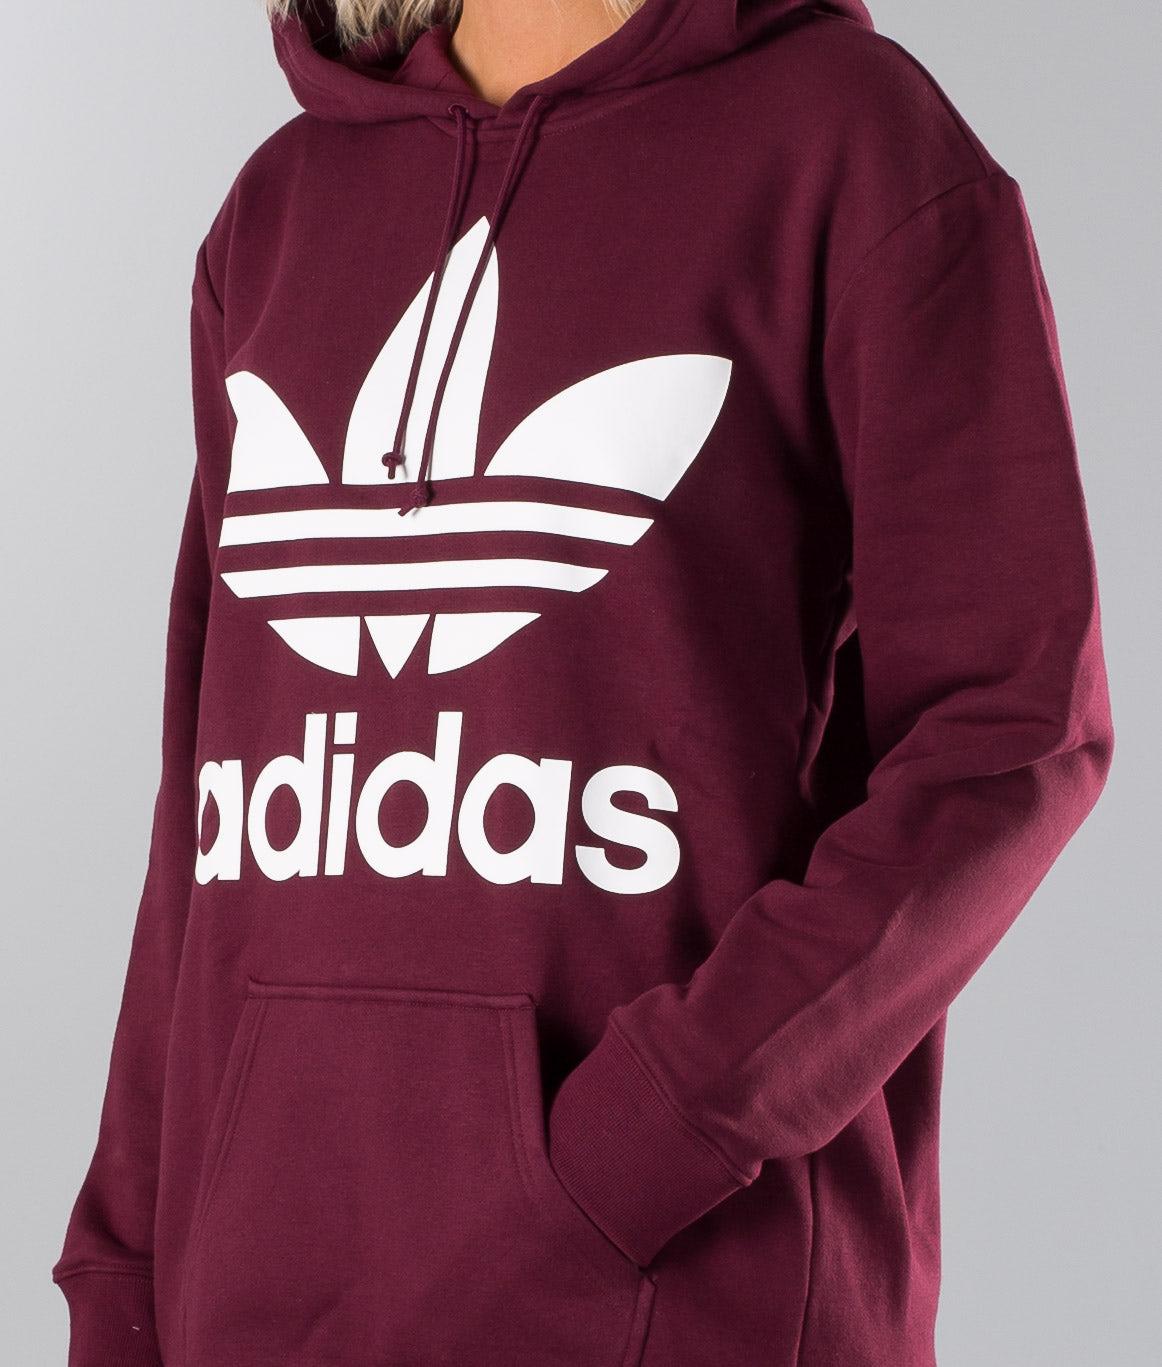 Boyfriend Trefoil | Achète des Capuche de chez Adidas Originals sur Ridestore.fr | Bien-sûr, les frais de ports sont offerts et les retours gratuits pendant 30 jours !